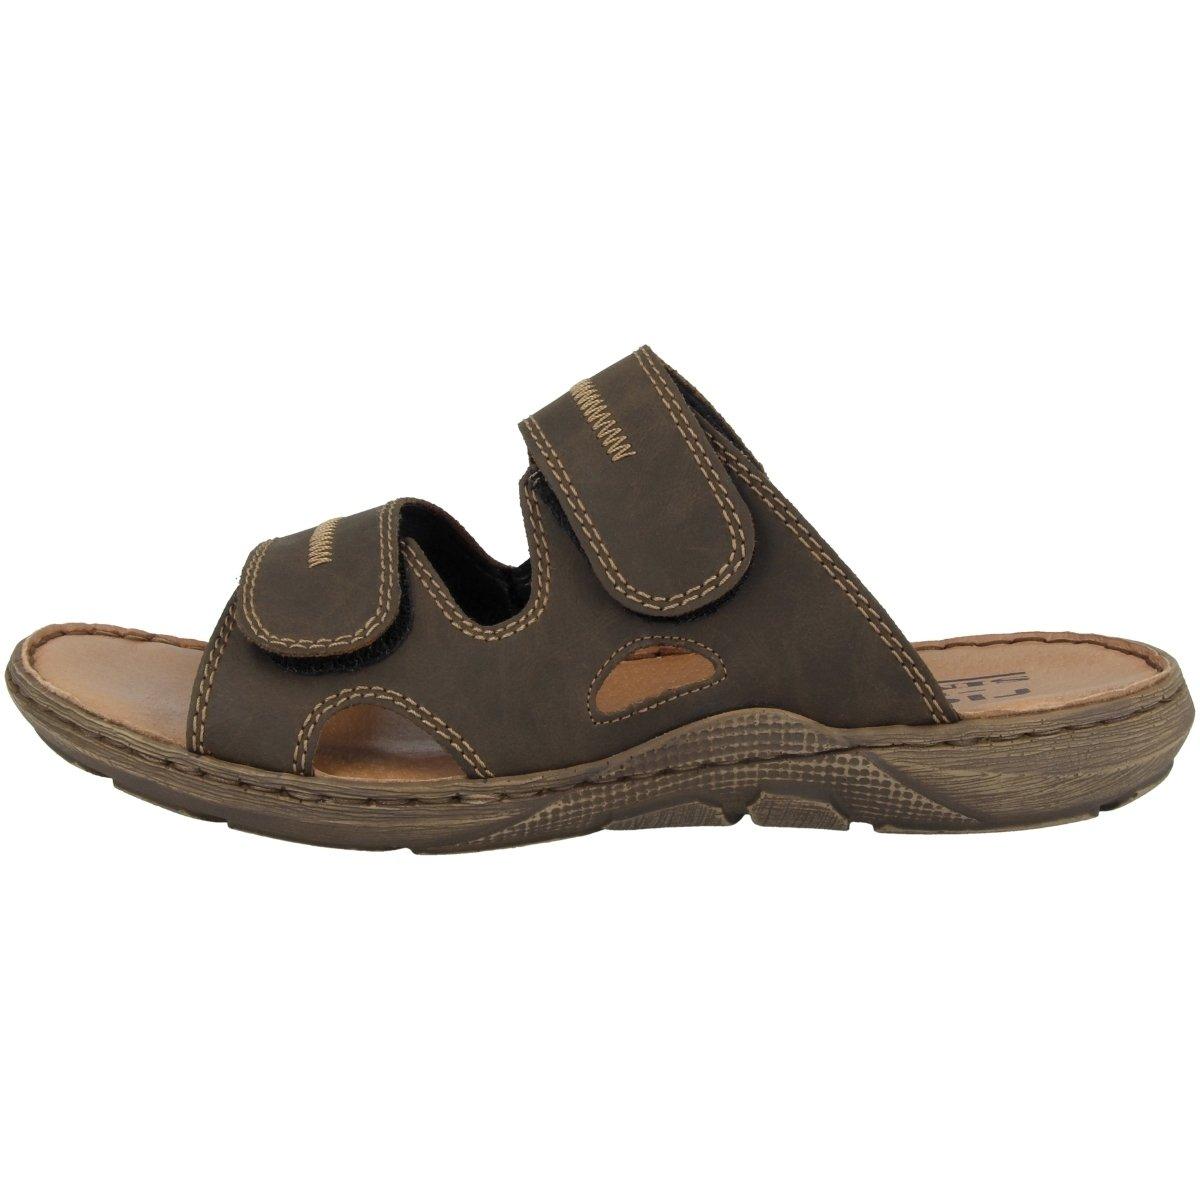 Rieker Herren Bastia Sandale  Amazon.de  Schuhe   Handtaschen bcfdbfee45